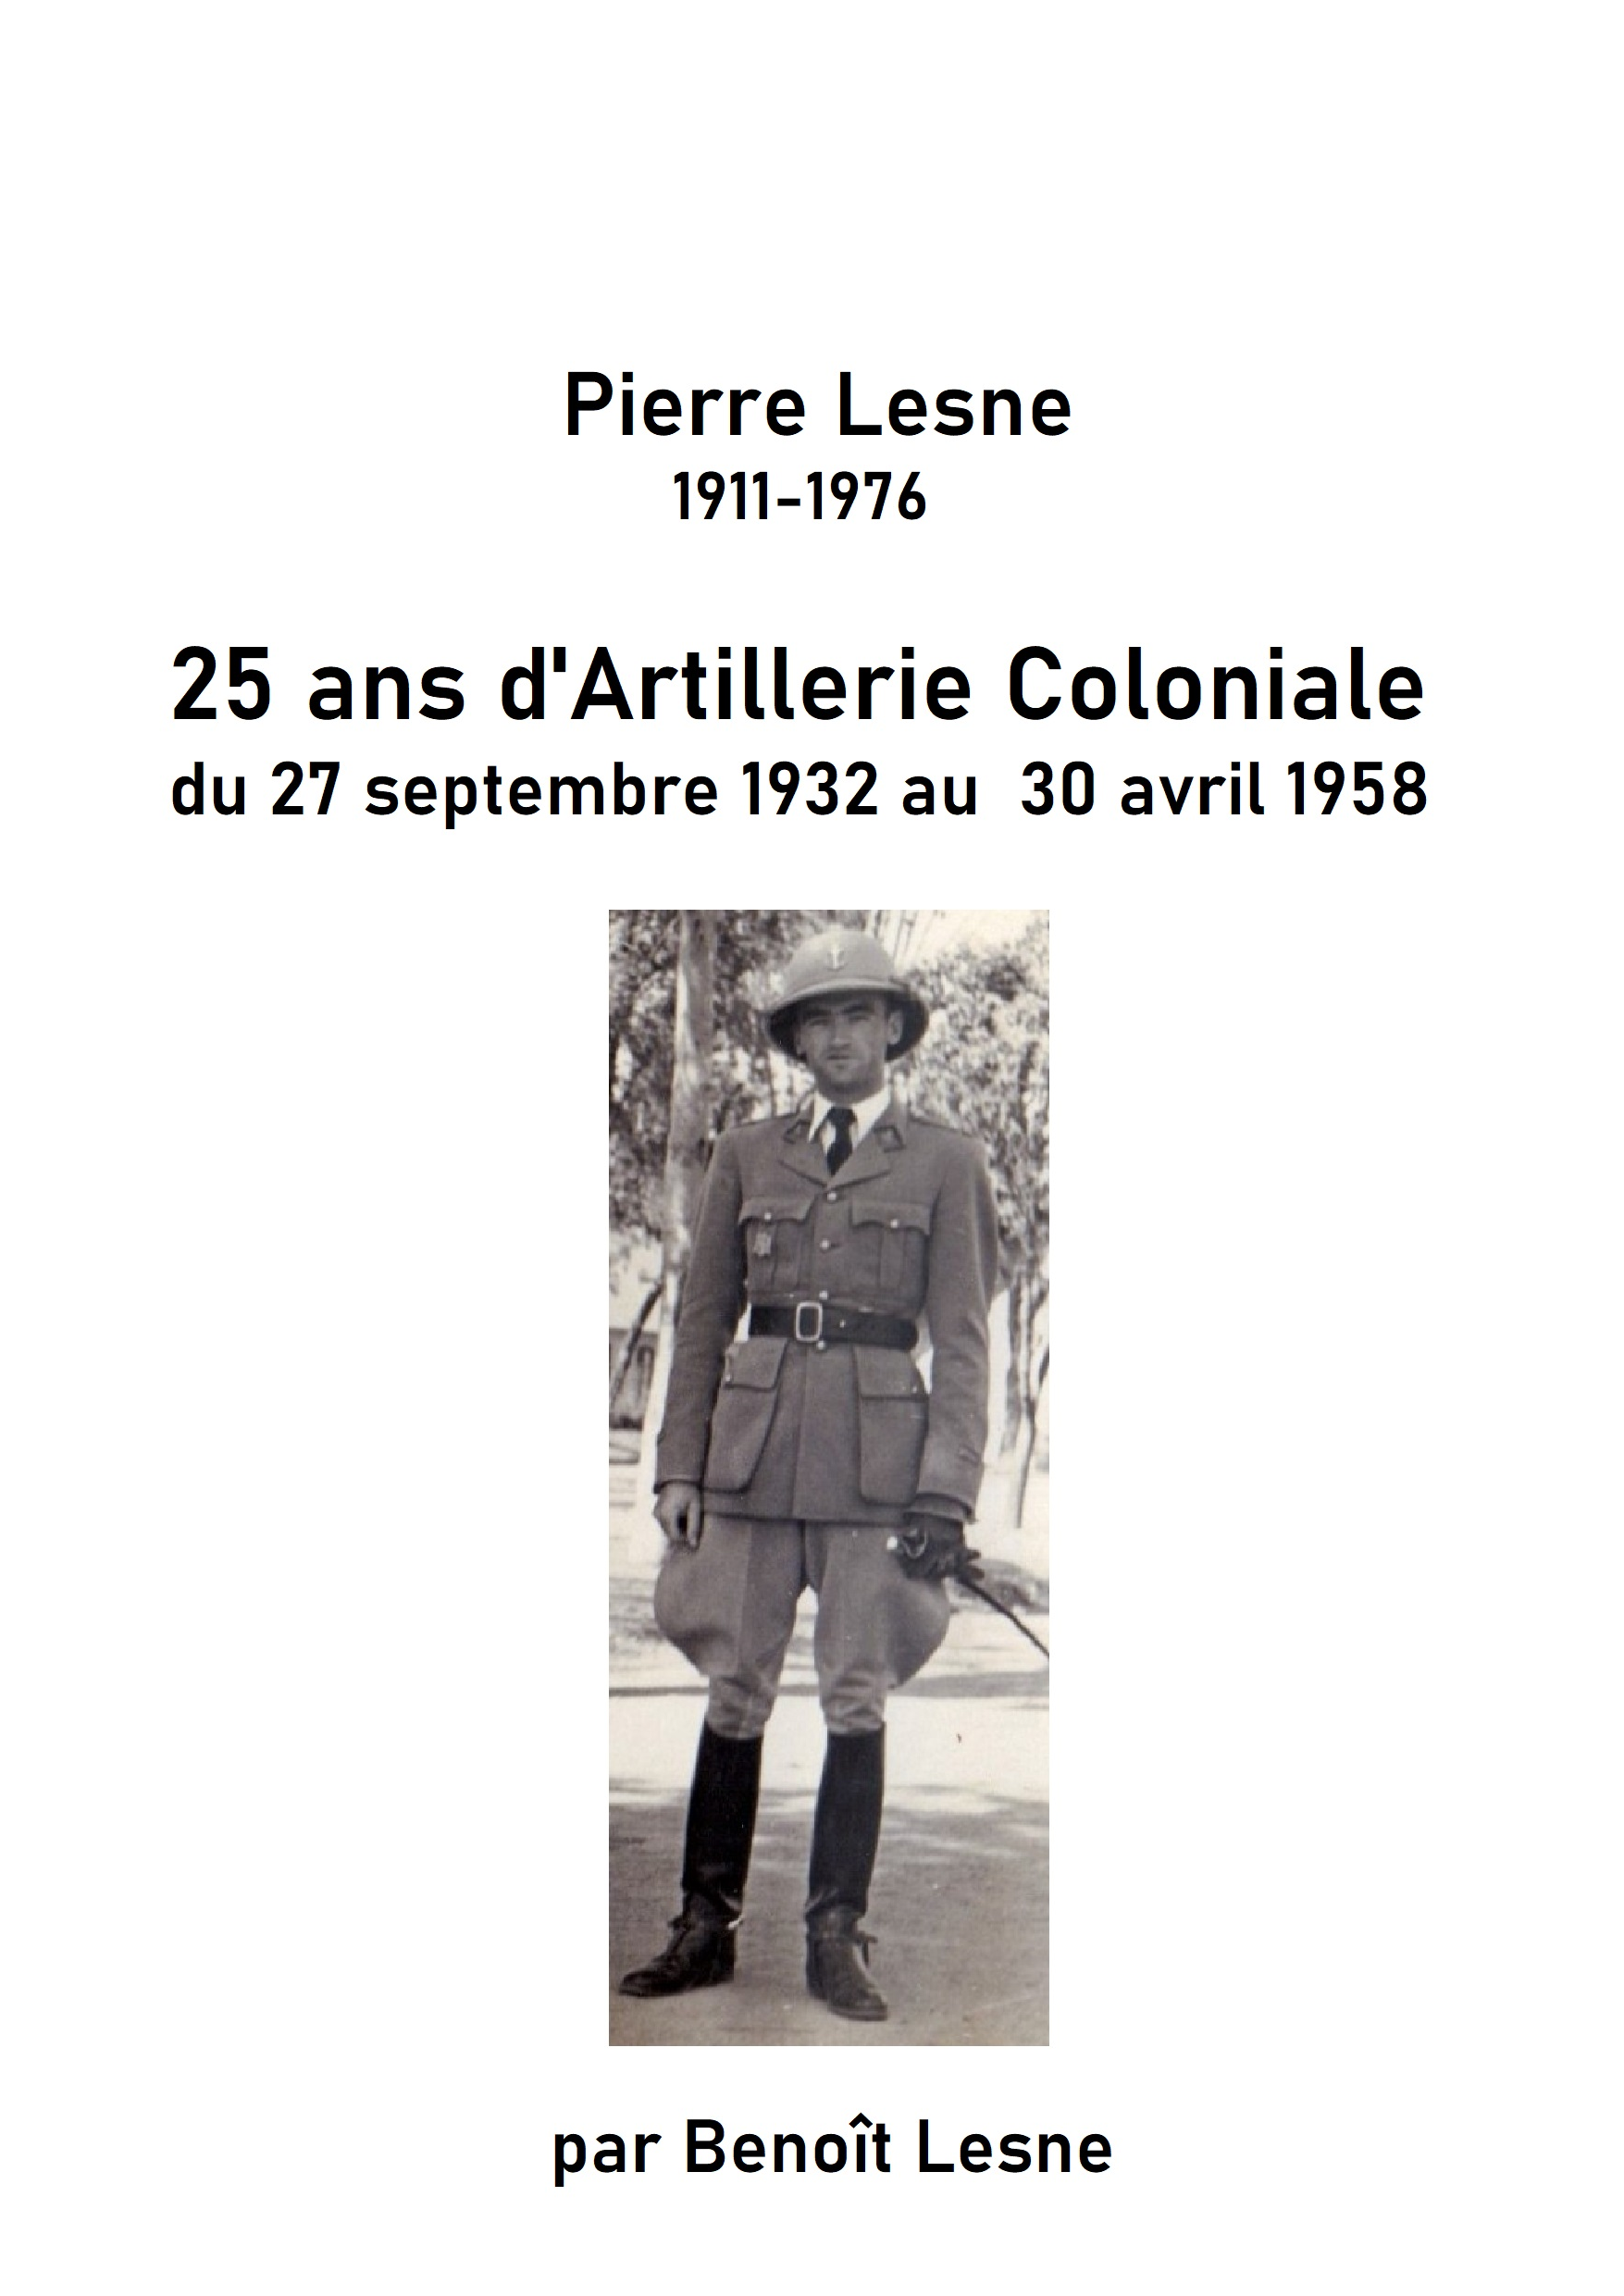 25 ans d'artillerie coloniale